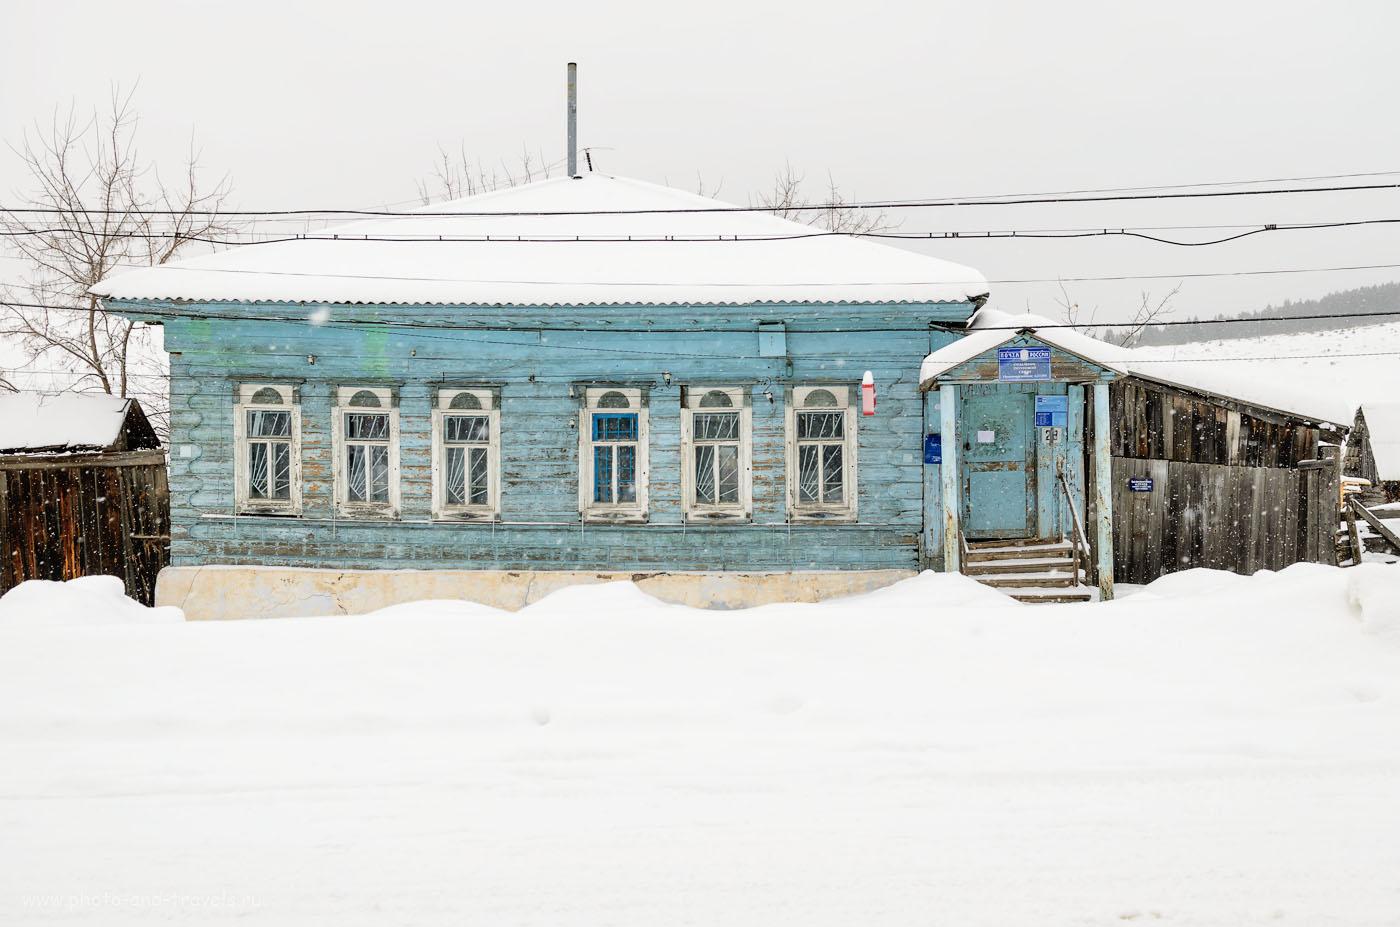 Фото 9. Современное отделение почты России в селе Нижнеиргинское. Снимок получился с серым оттенком. Как это предотвратить, читайте в конце отчета, где рассказывается, как правильно и безопасно фотографировать зимой. Цифровая зеркальная камера Никон Д5100 с зумом Никон 17-55/2,8